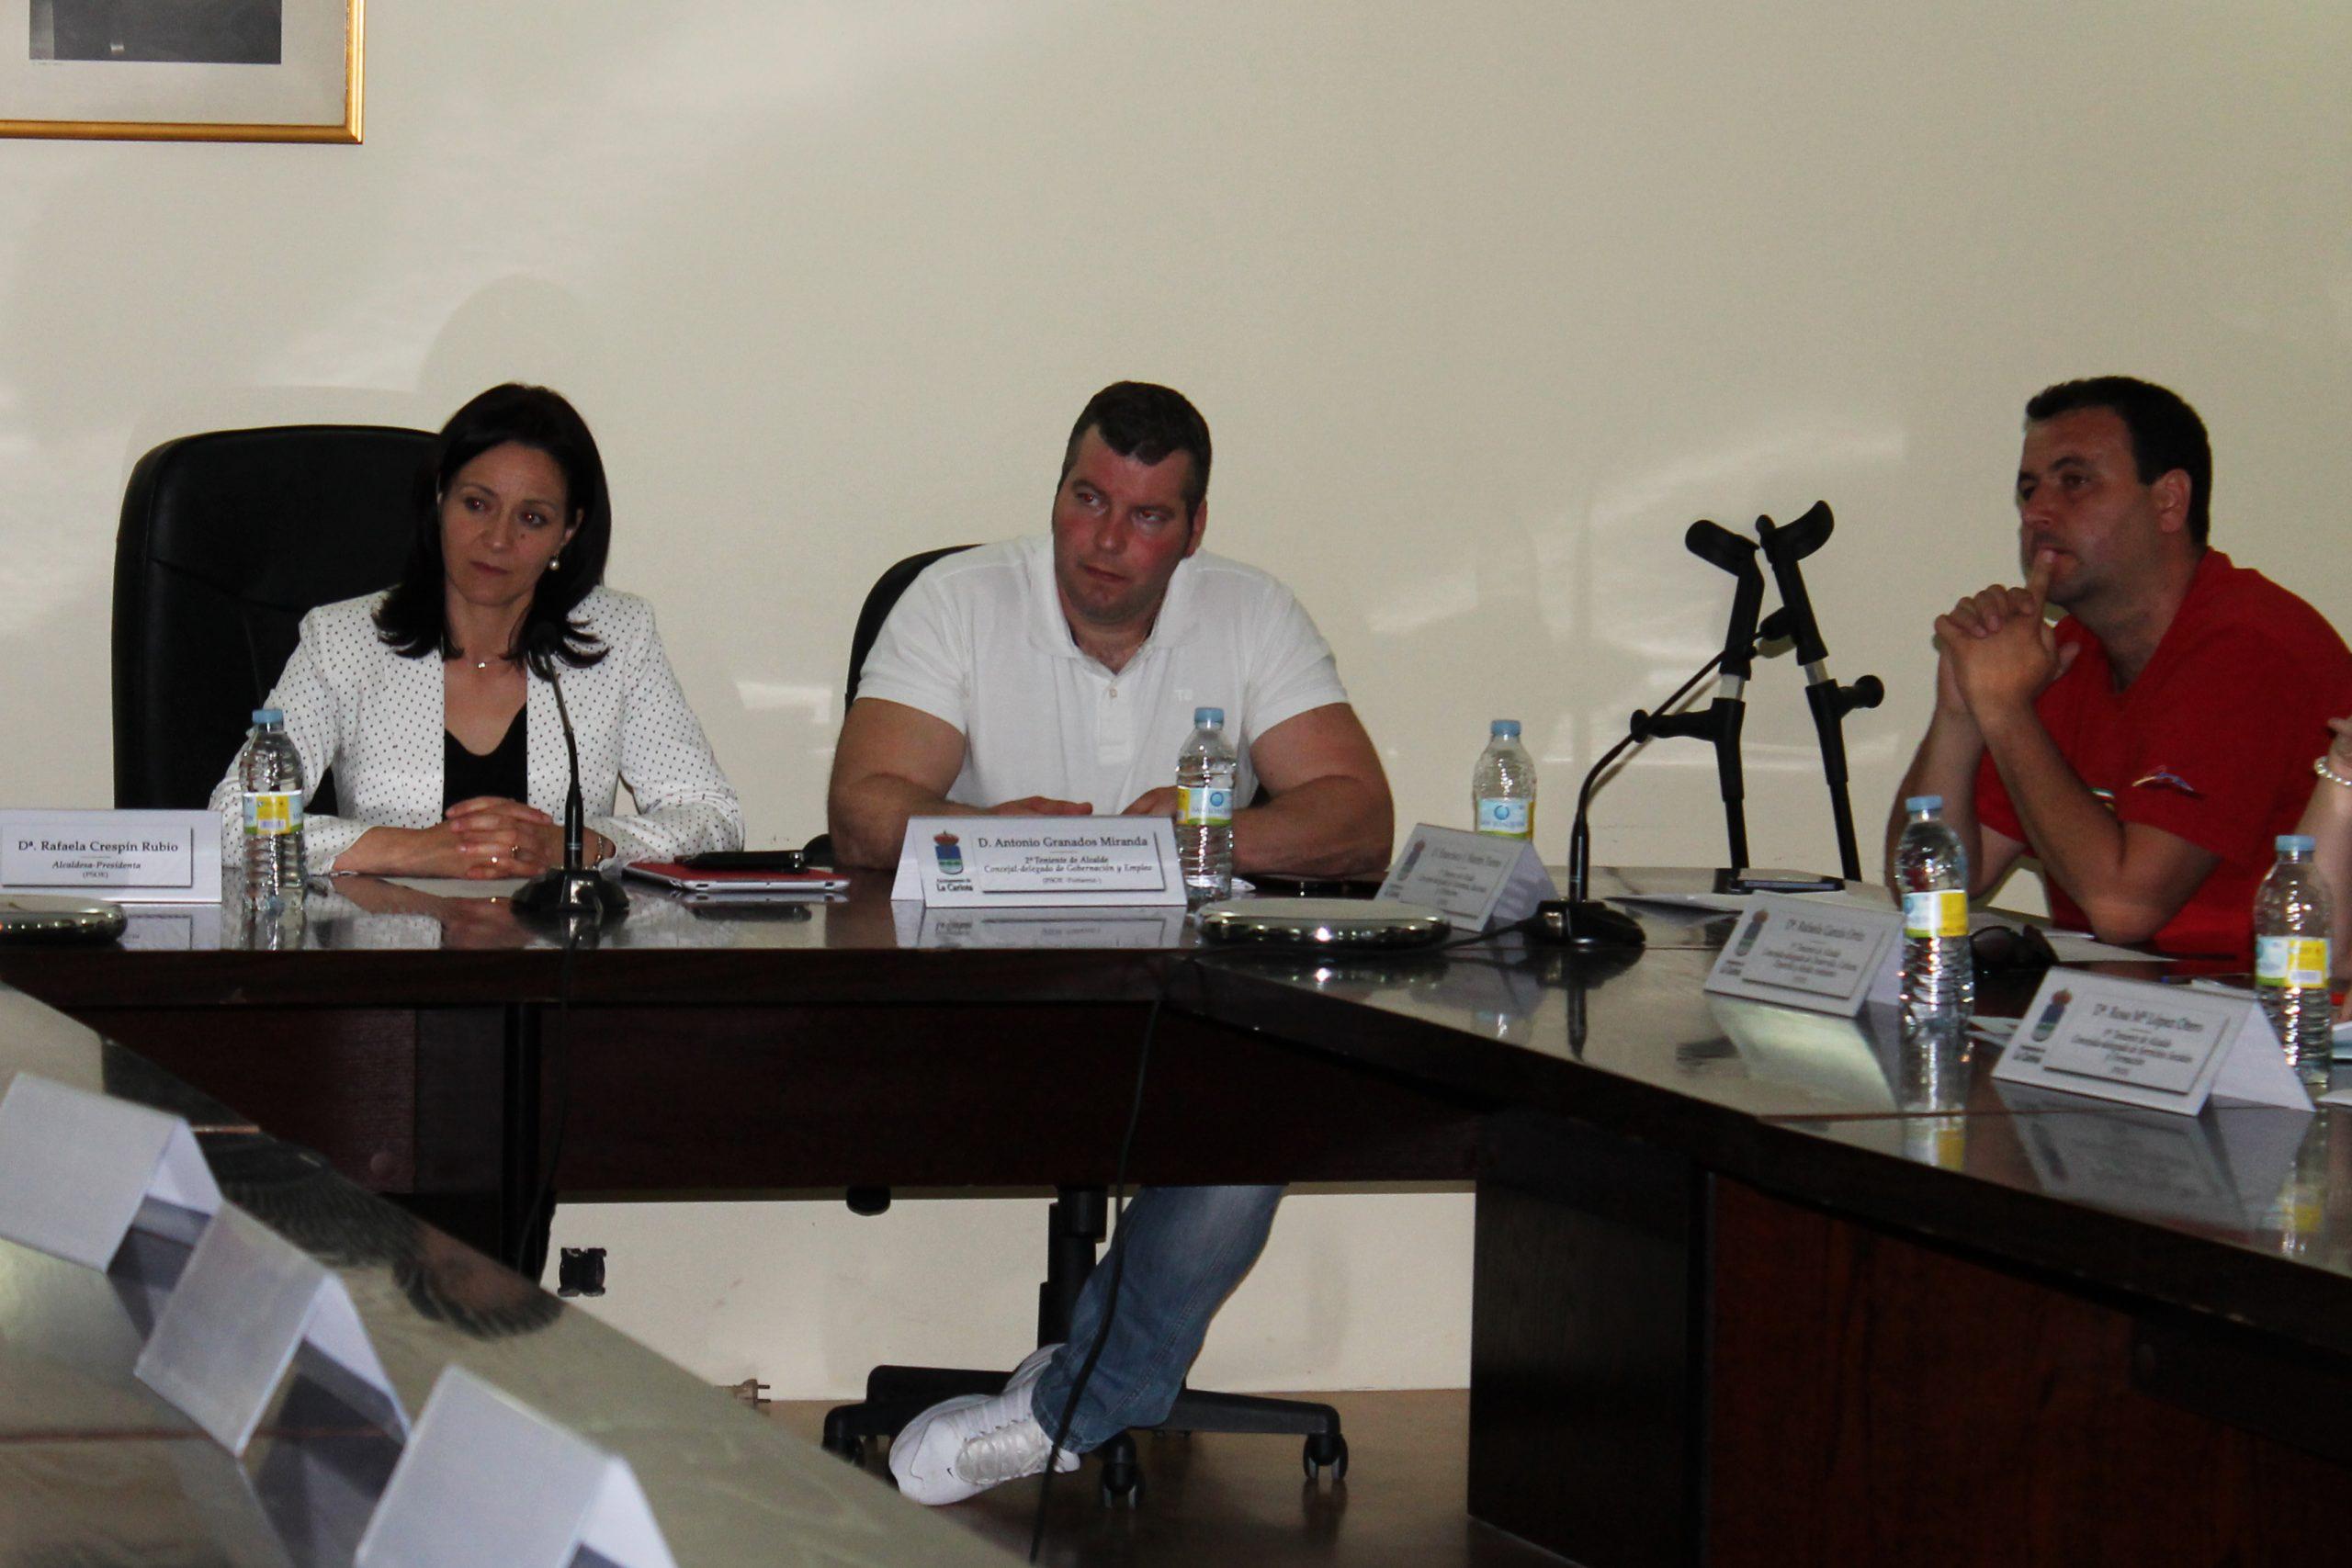 El Ayuntamiento de La Carlota cierra el Presupuesto de 2013 con un superávit de 726.861,41 euros 1